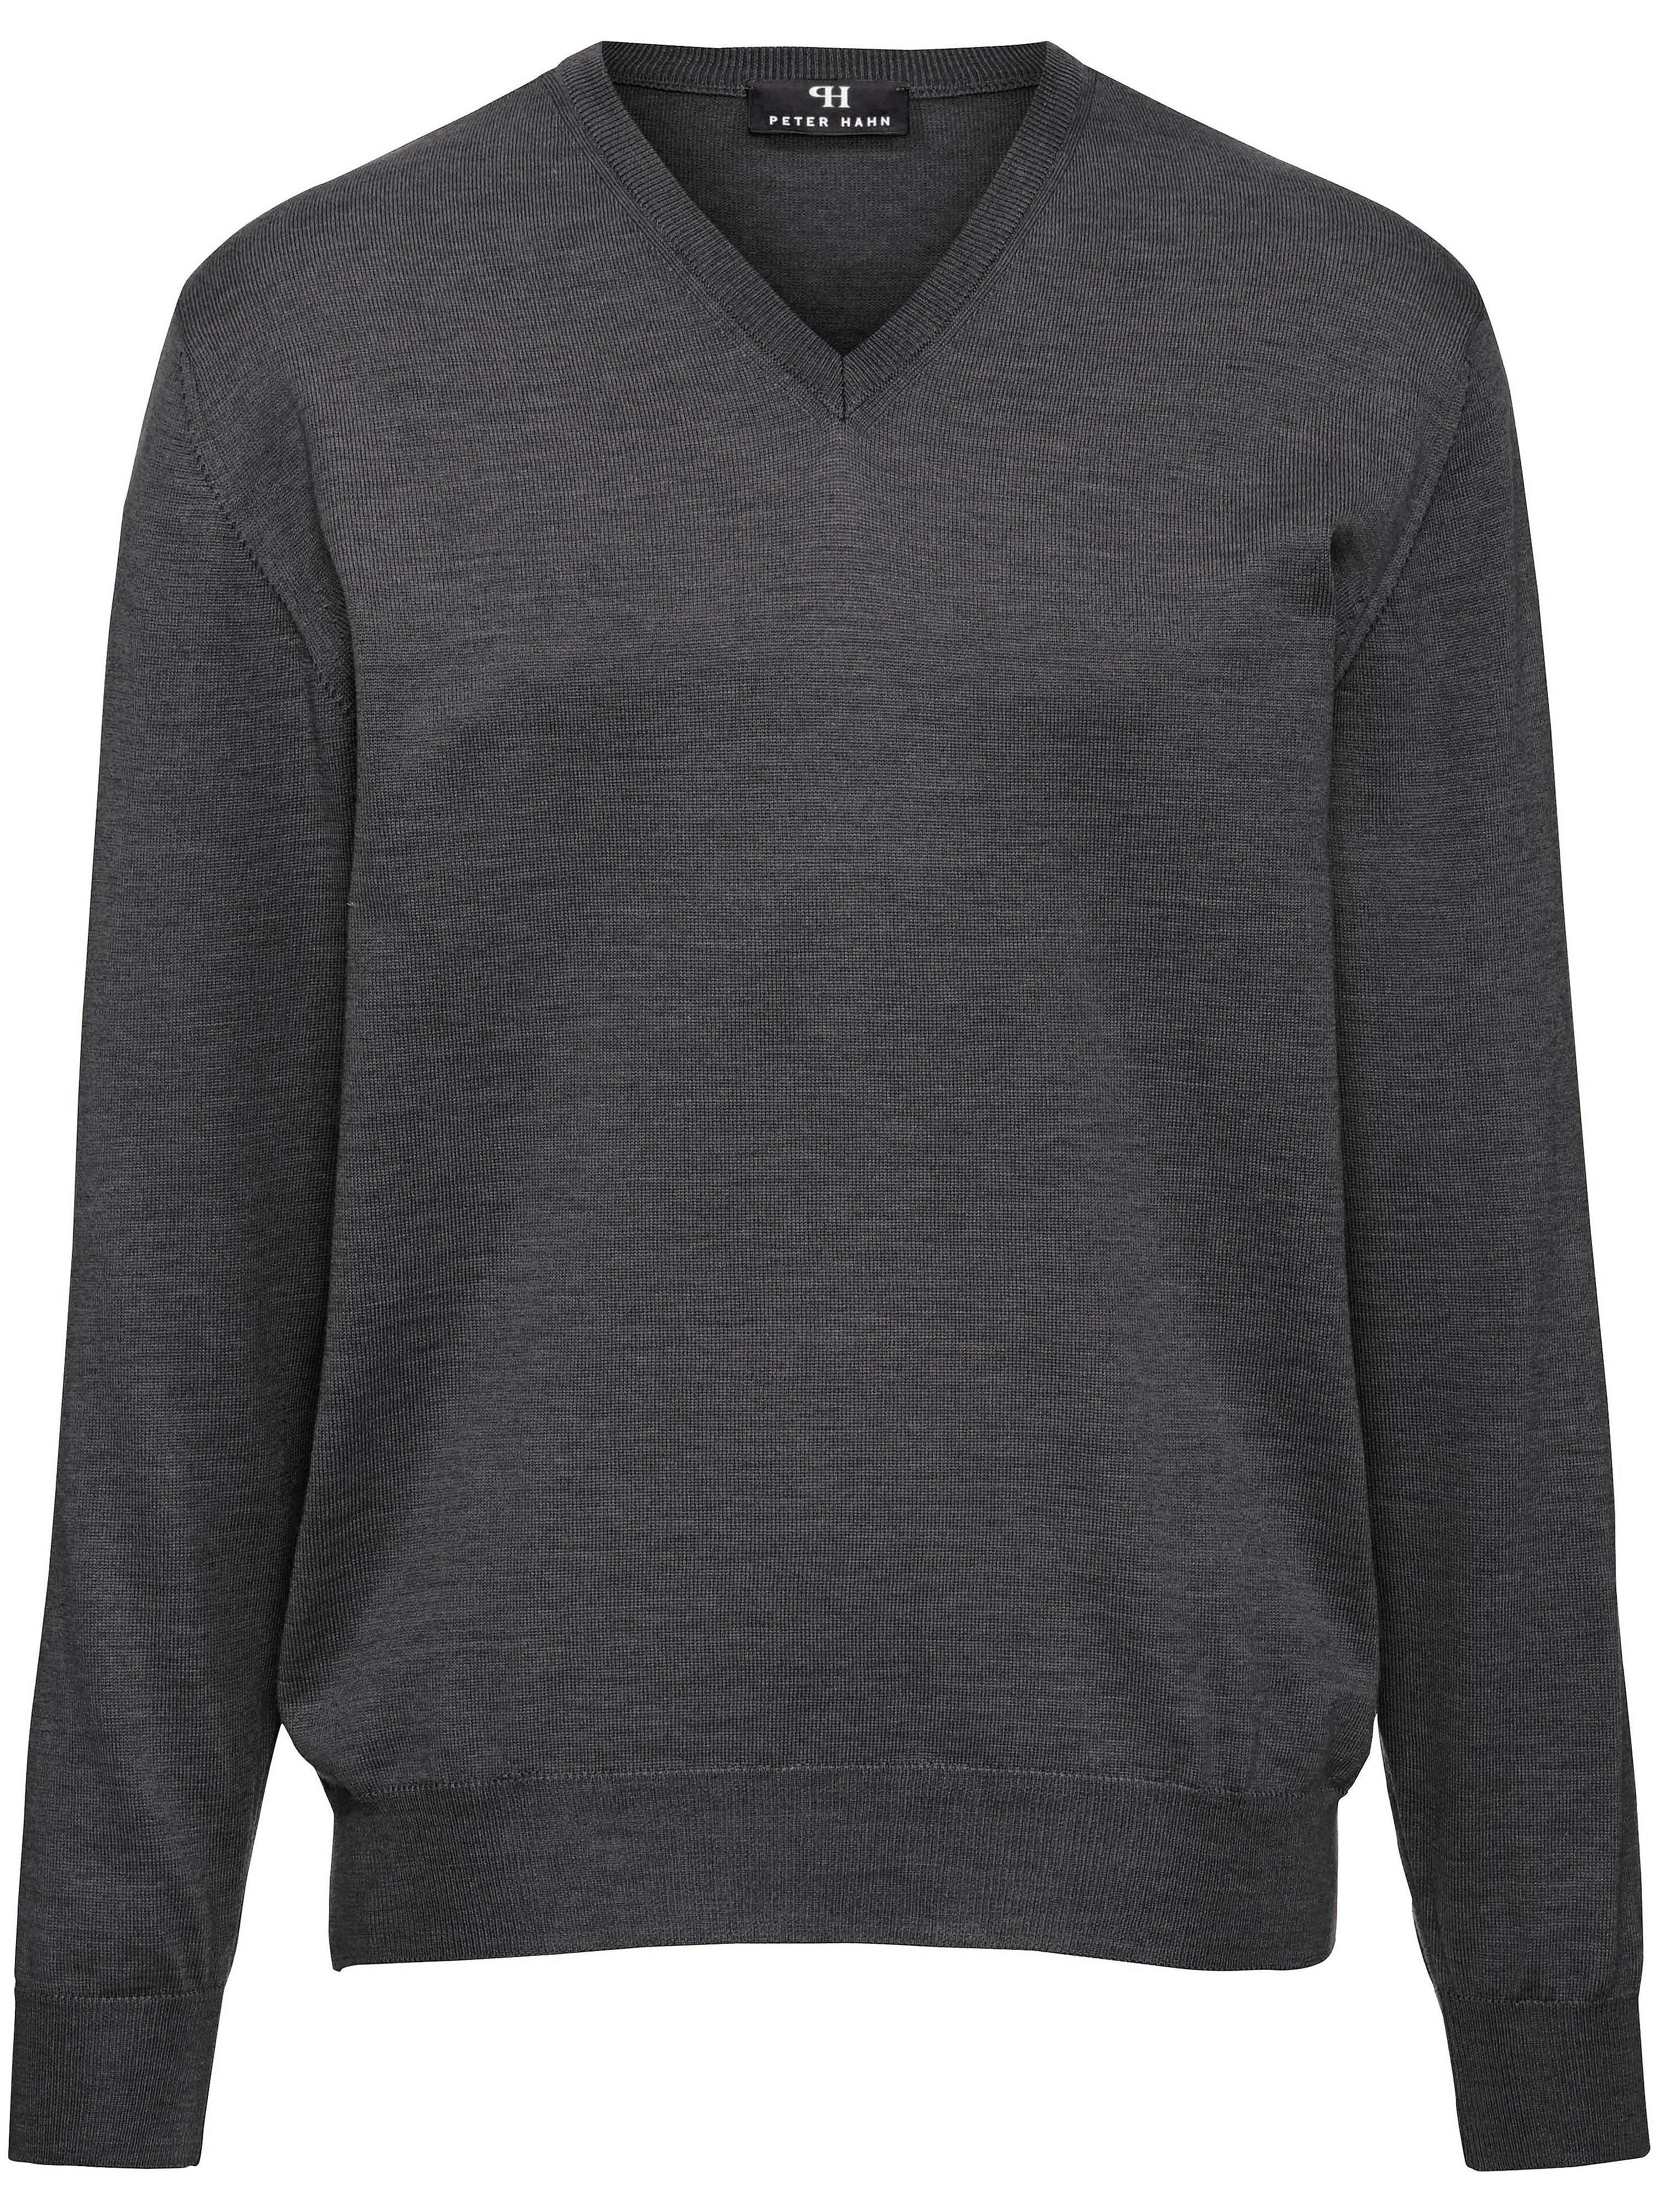 V-Pullover aus 100% Schurwolle-Merino extrafein Peter Hahn grau | Bekleidung > Pullover > V-Pullover | Peter Hahn